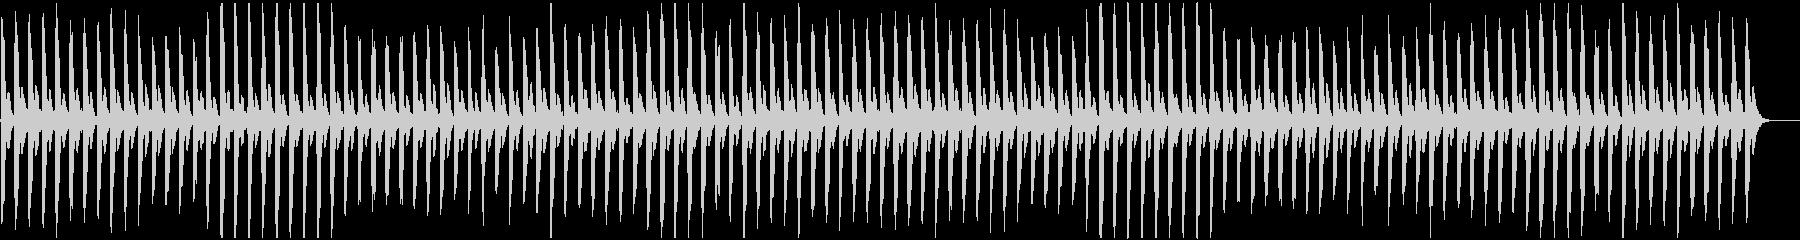 無機質な反復を繰り返すピアノです。の未再生の波形